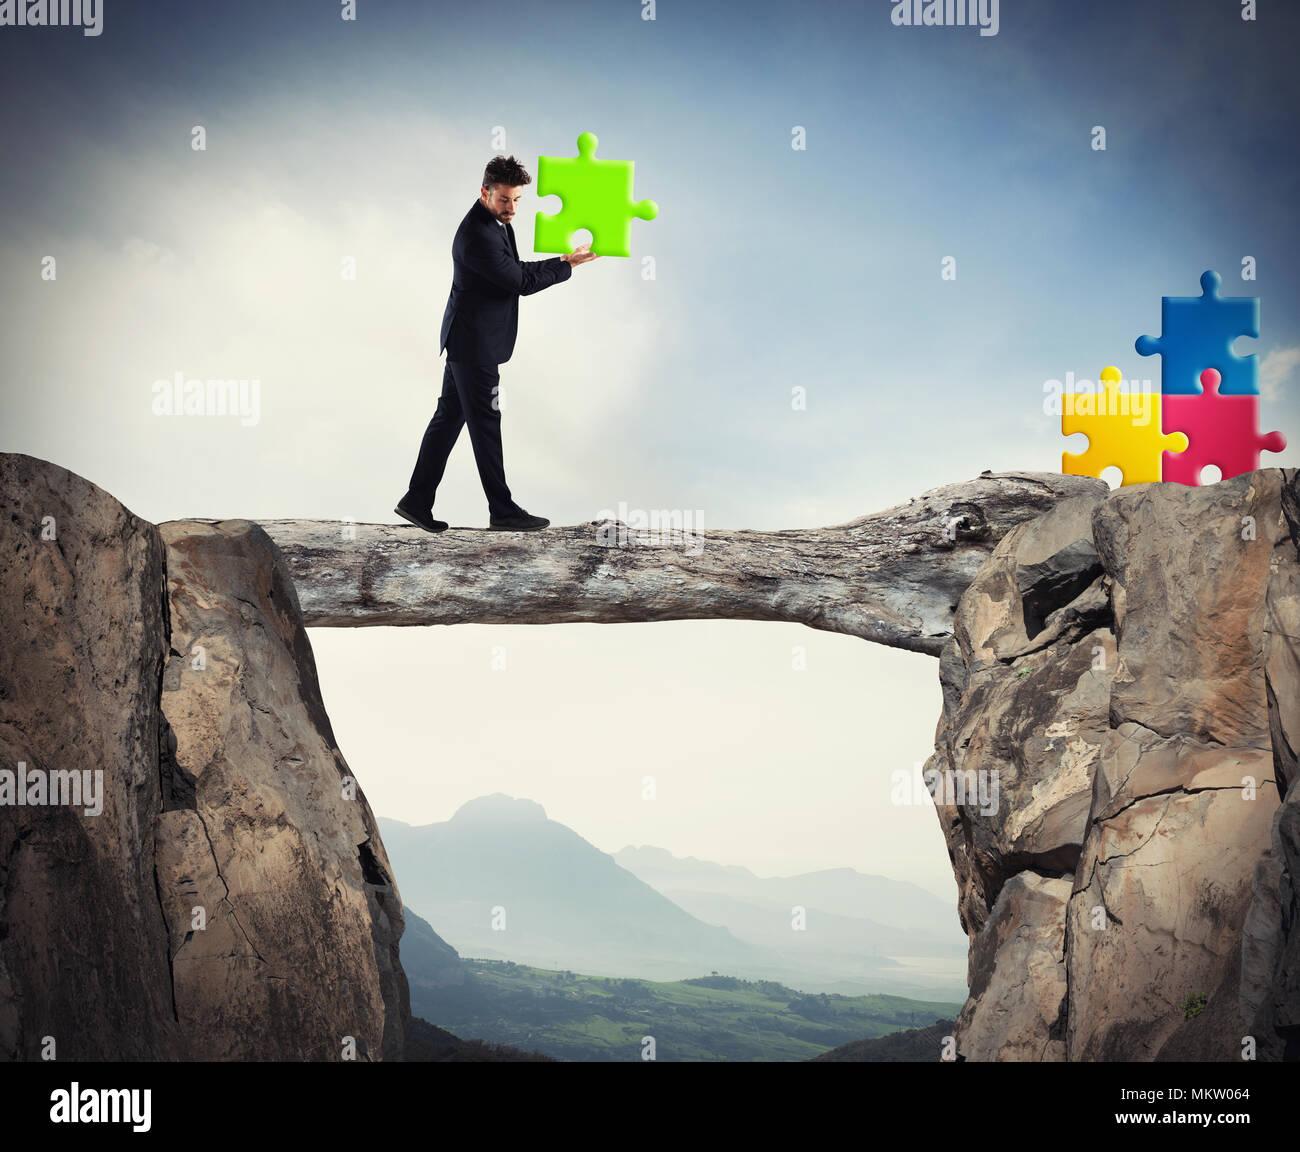 Imprenditore porta un pezzo del puzzle mentre lui camminando su un tronco di albero. concetto di pezzo mancante Immagini Stock